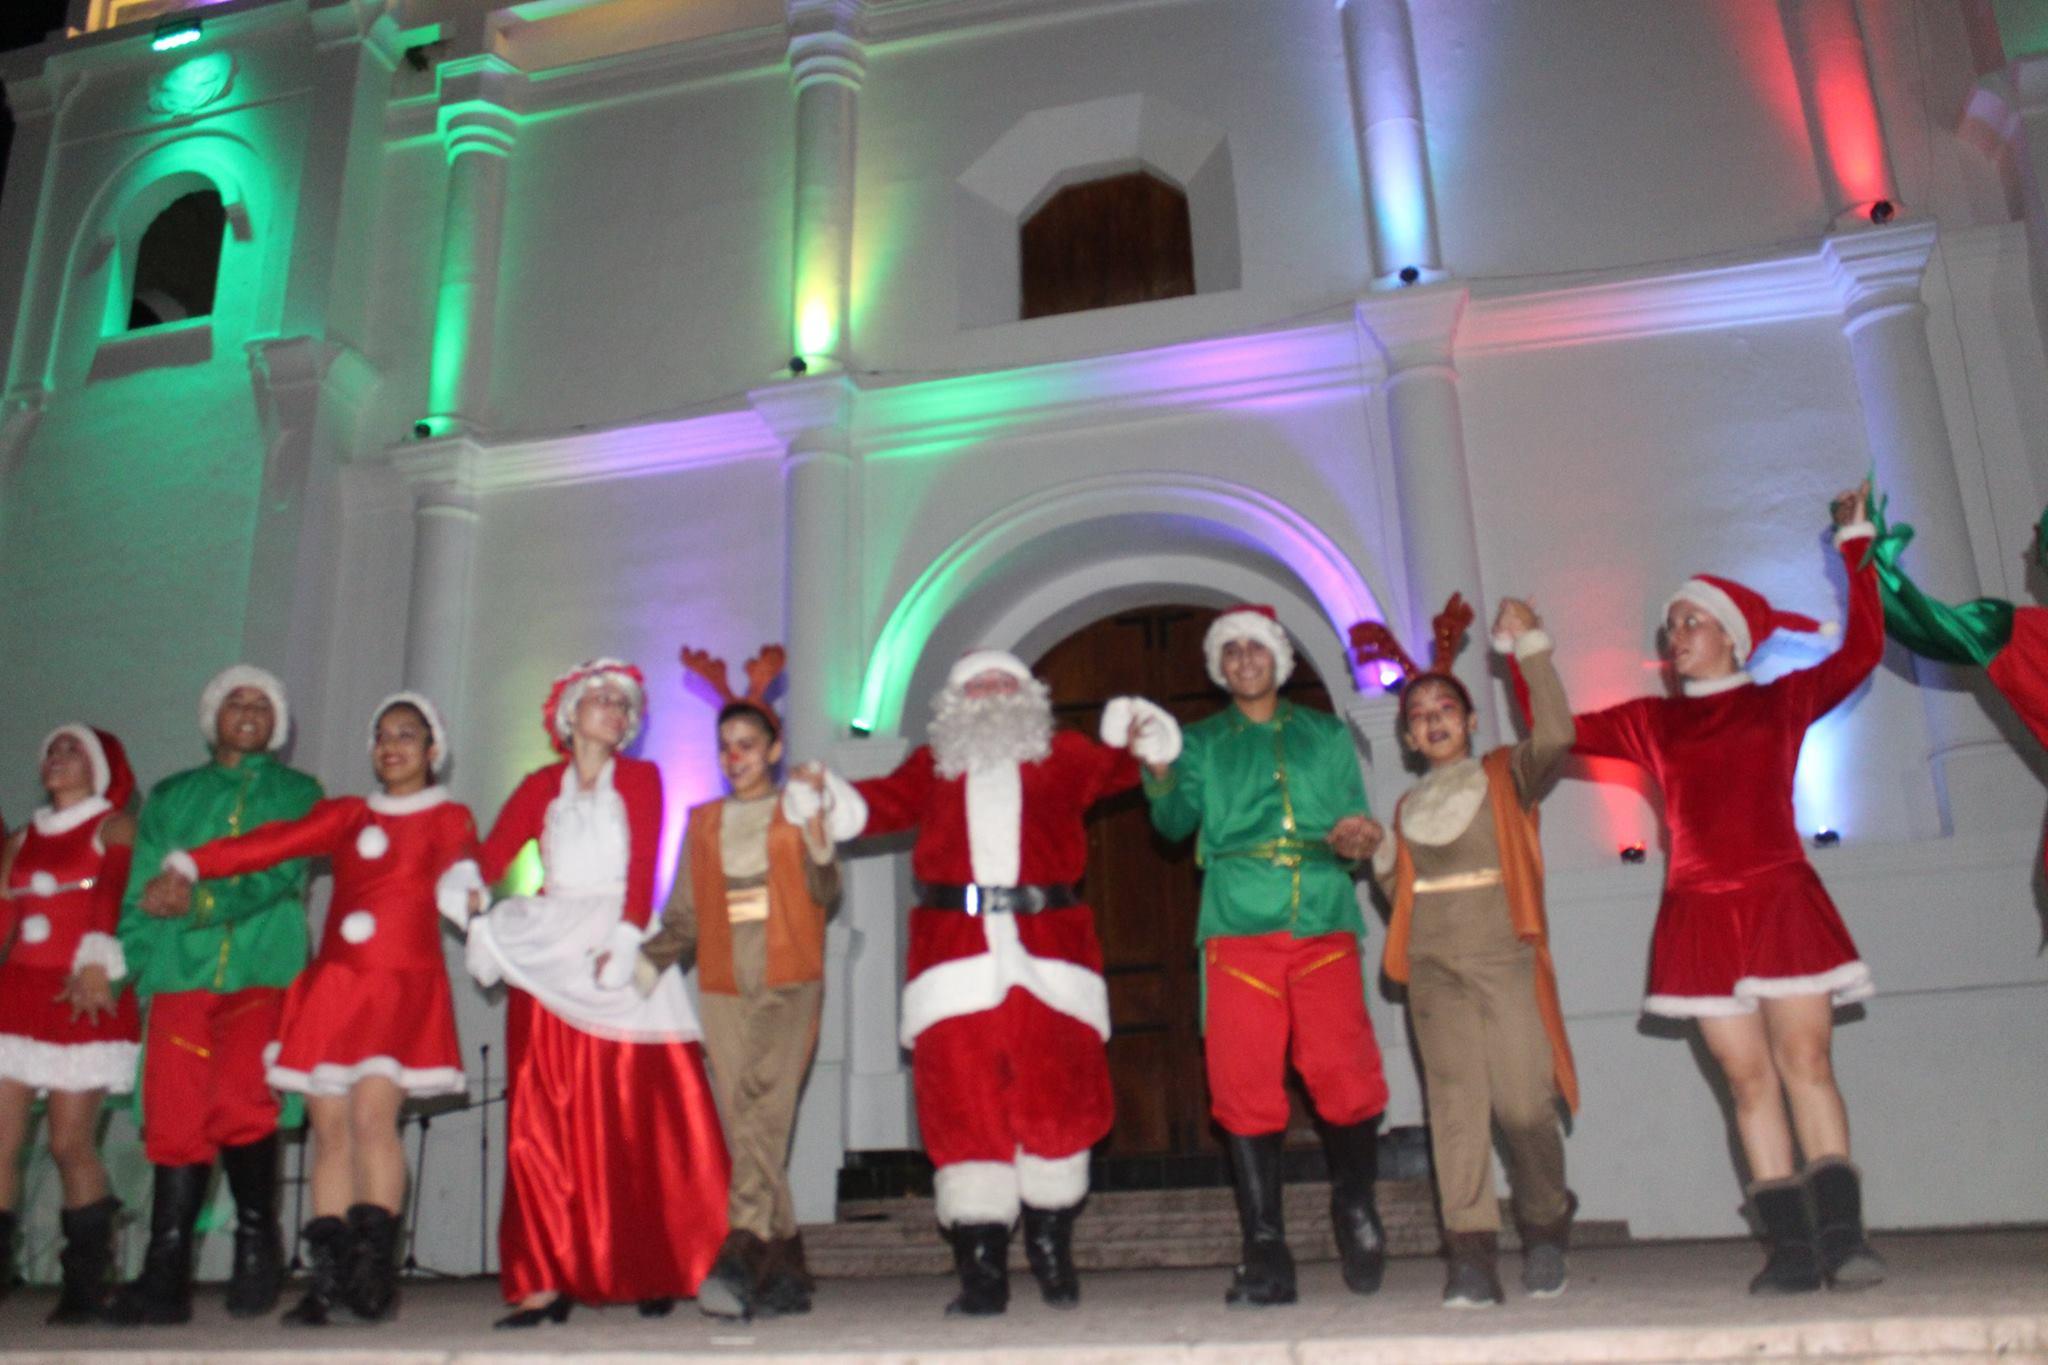 Gran Noche de Navidad Con Música, Juguetes y Quema de Pólvora